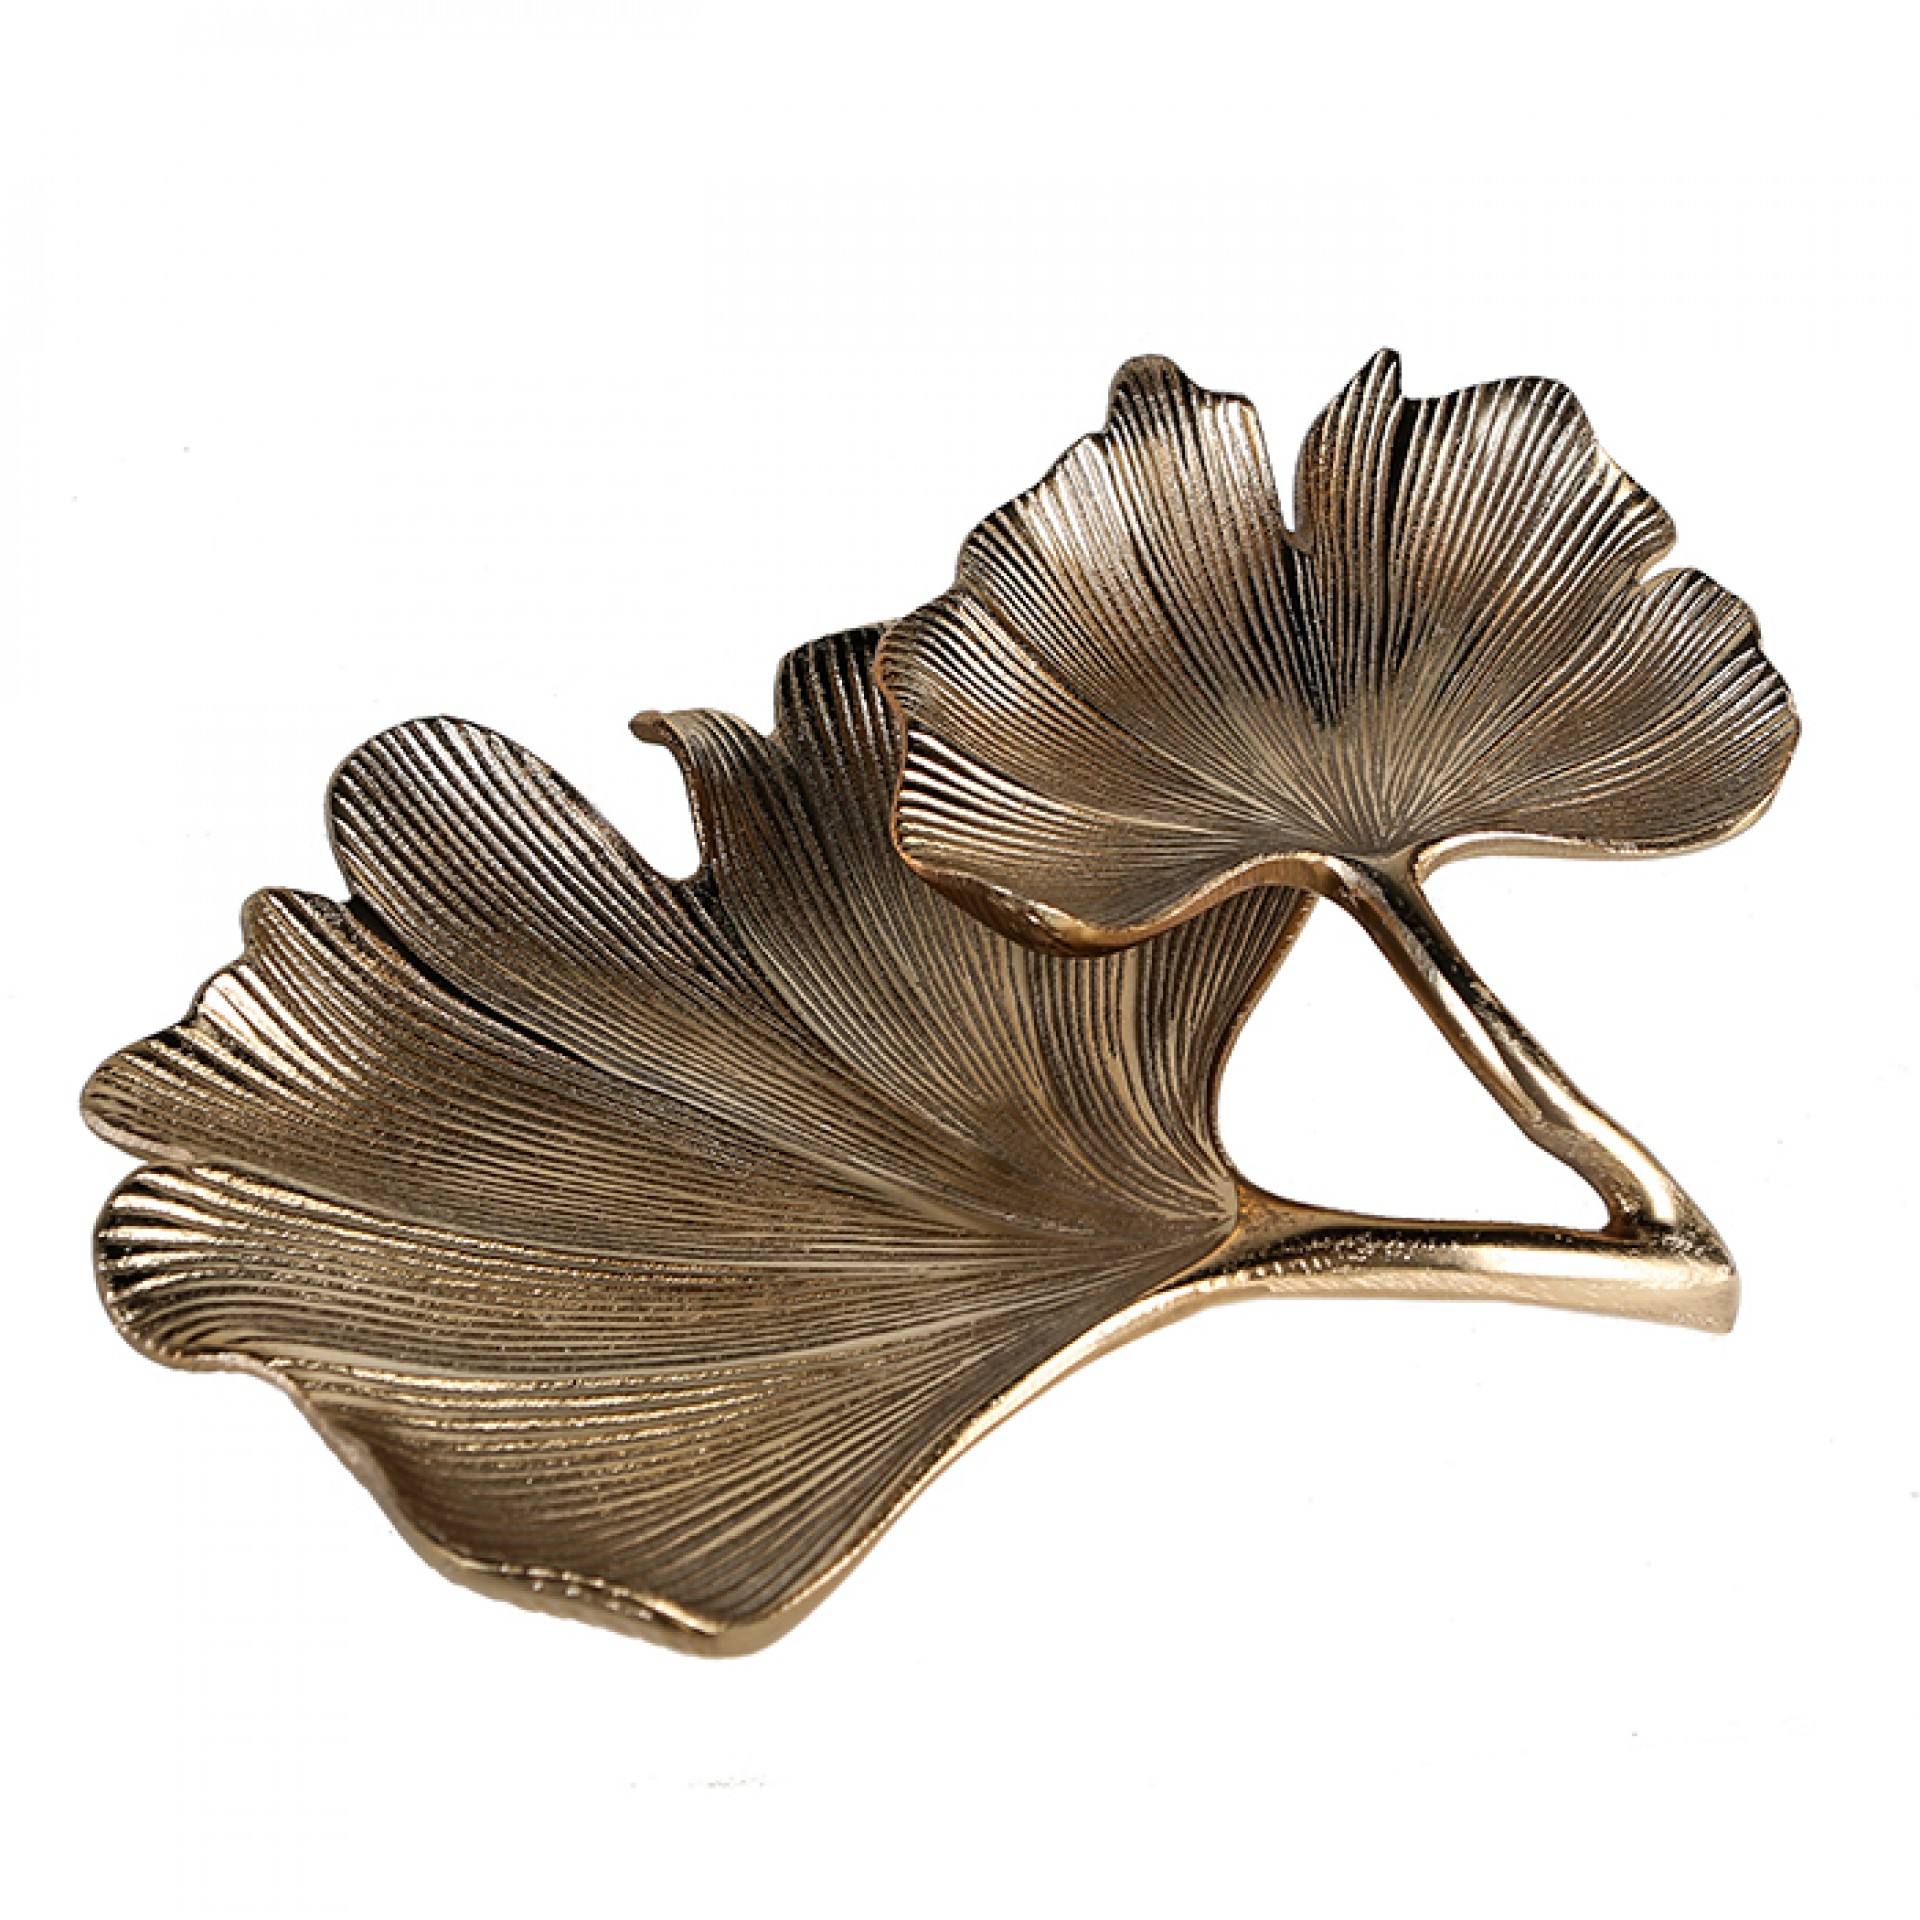 Hliníková mísa Ginkgo, 33 cm, zlatá